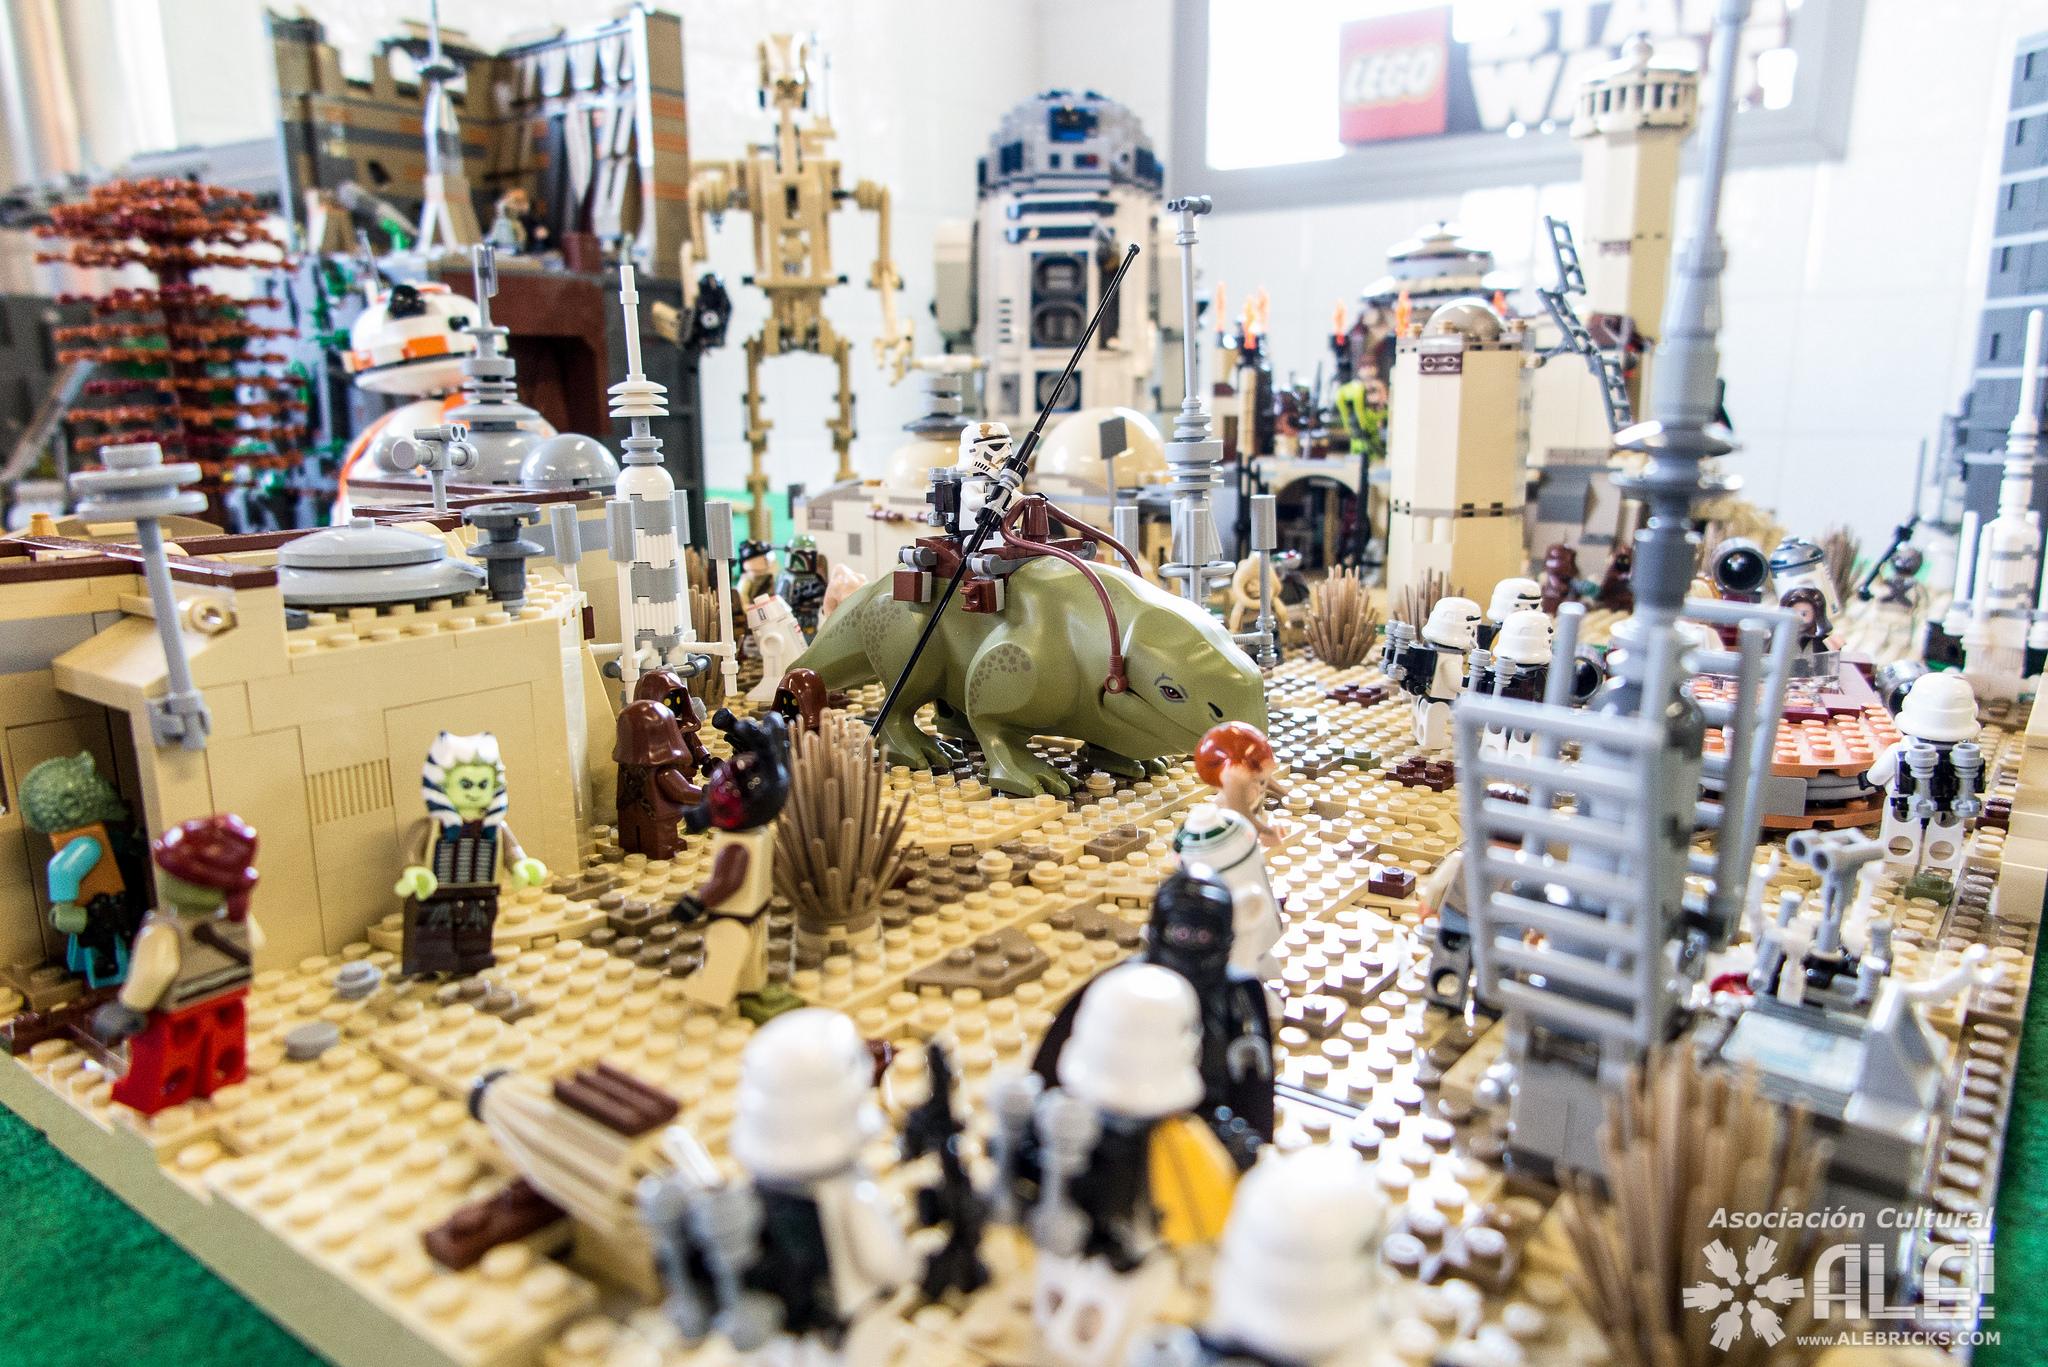 Más 000 Euros'Los Locos Lego Españoles Me 20 Habré De Del Gastado 1lcFJK